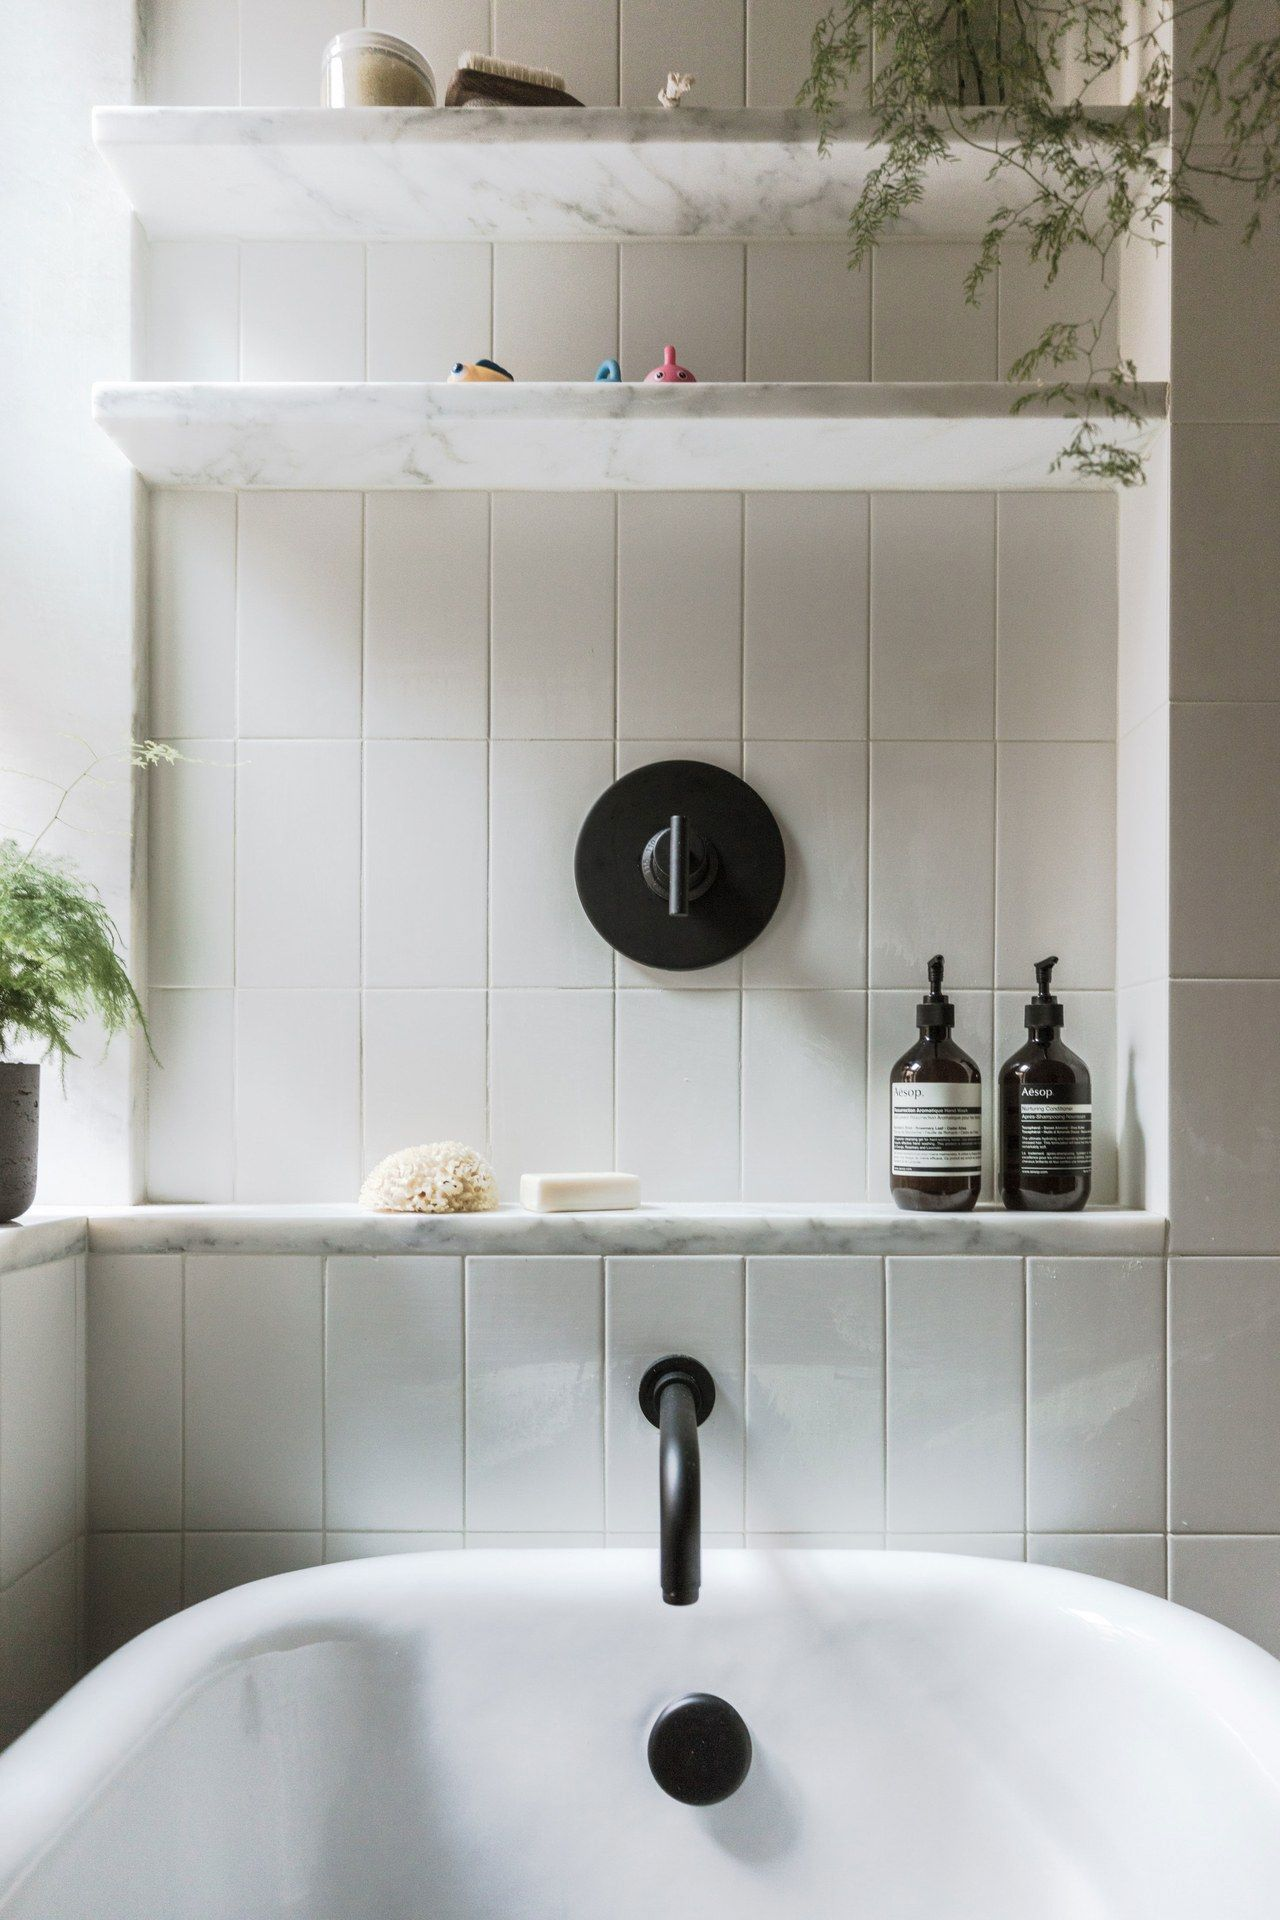 12 Stylish Bathroom Shelf Ideas - The Most Clever Bathroom Storage